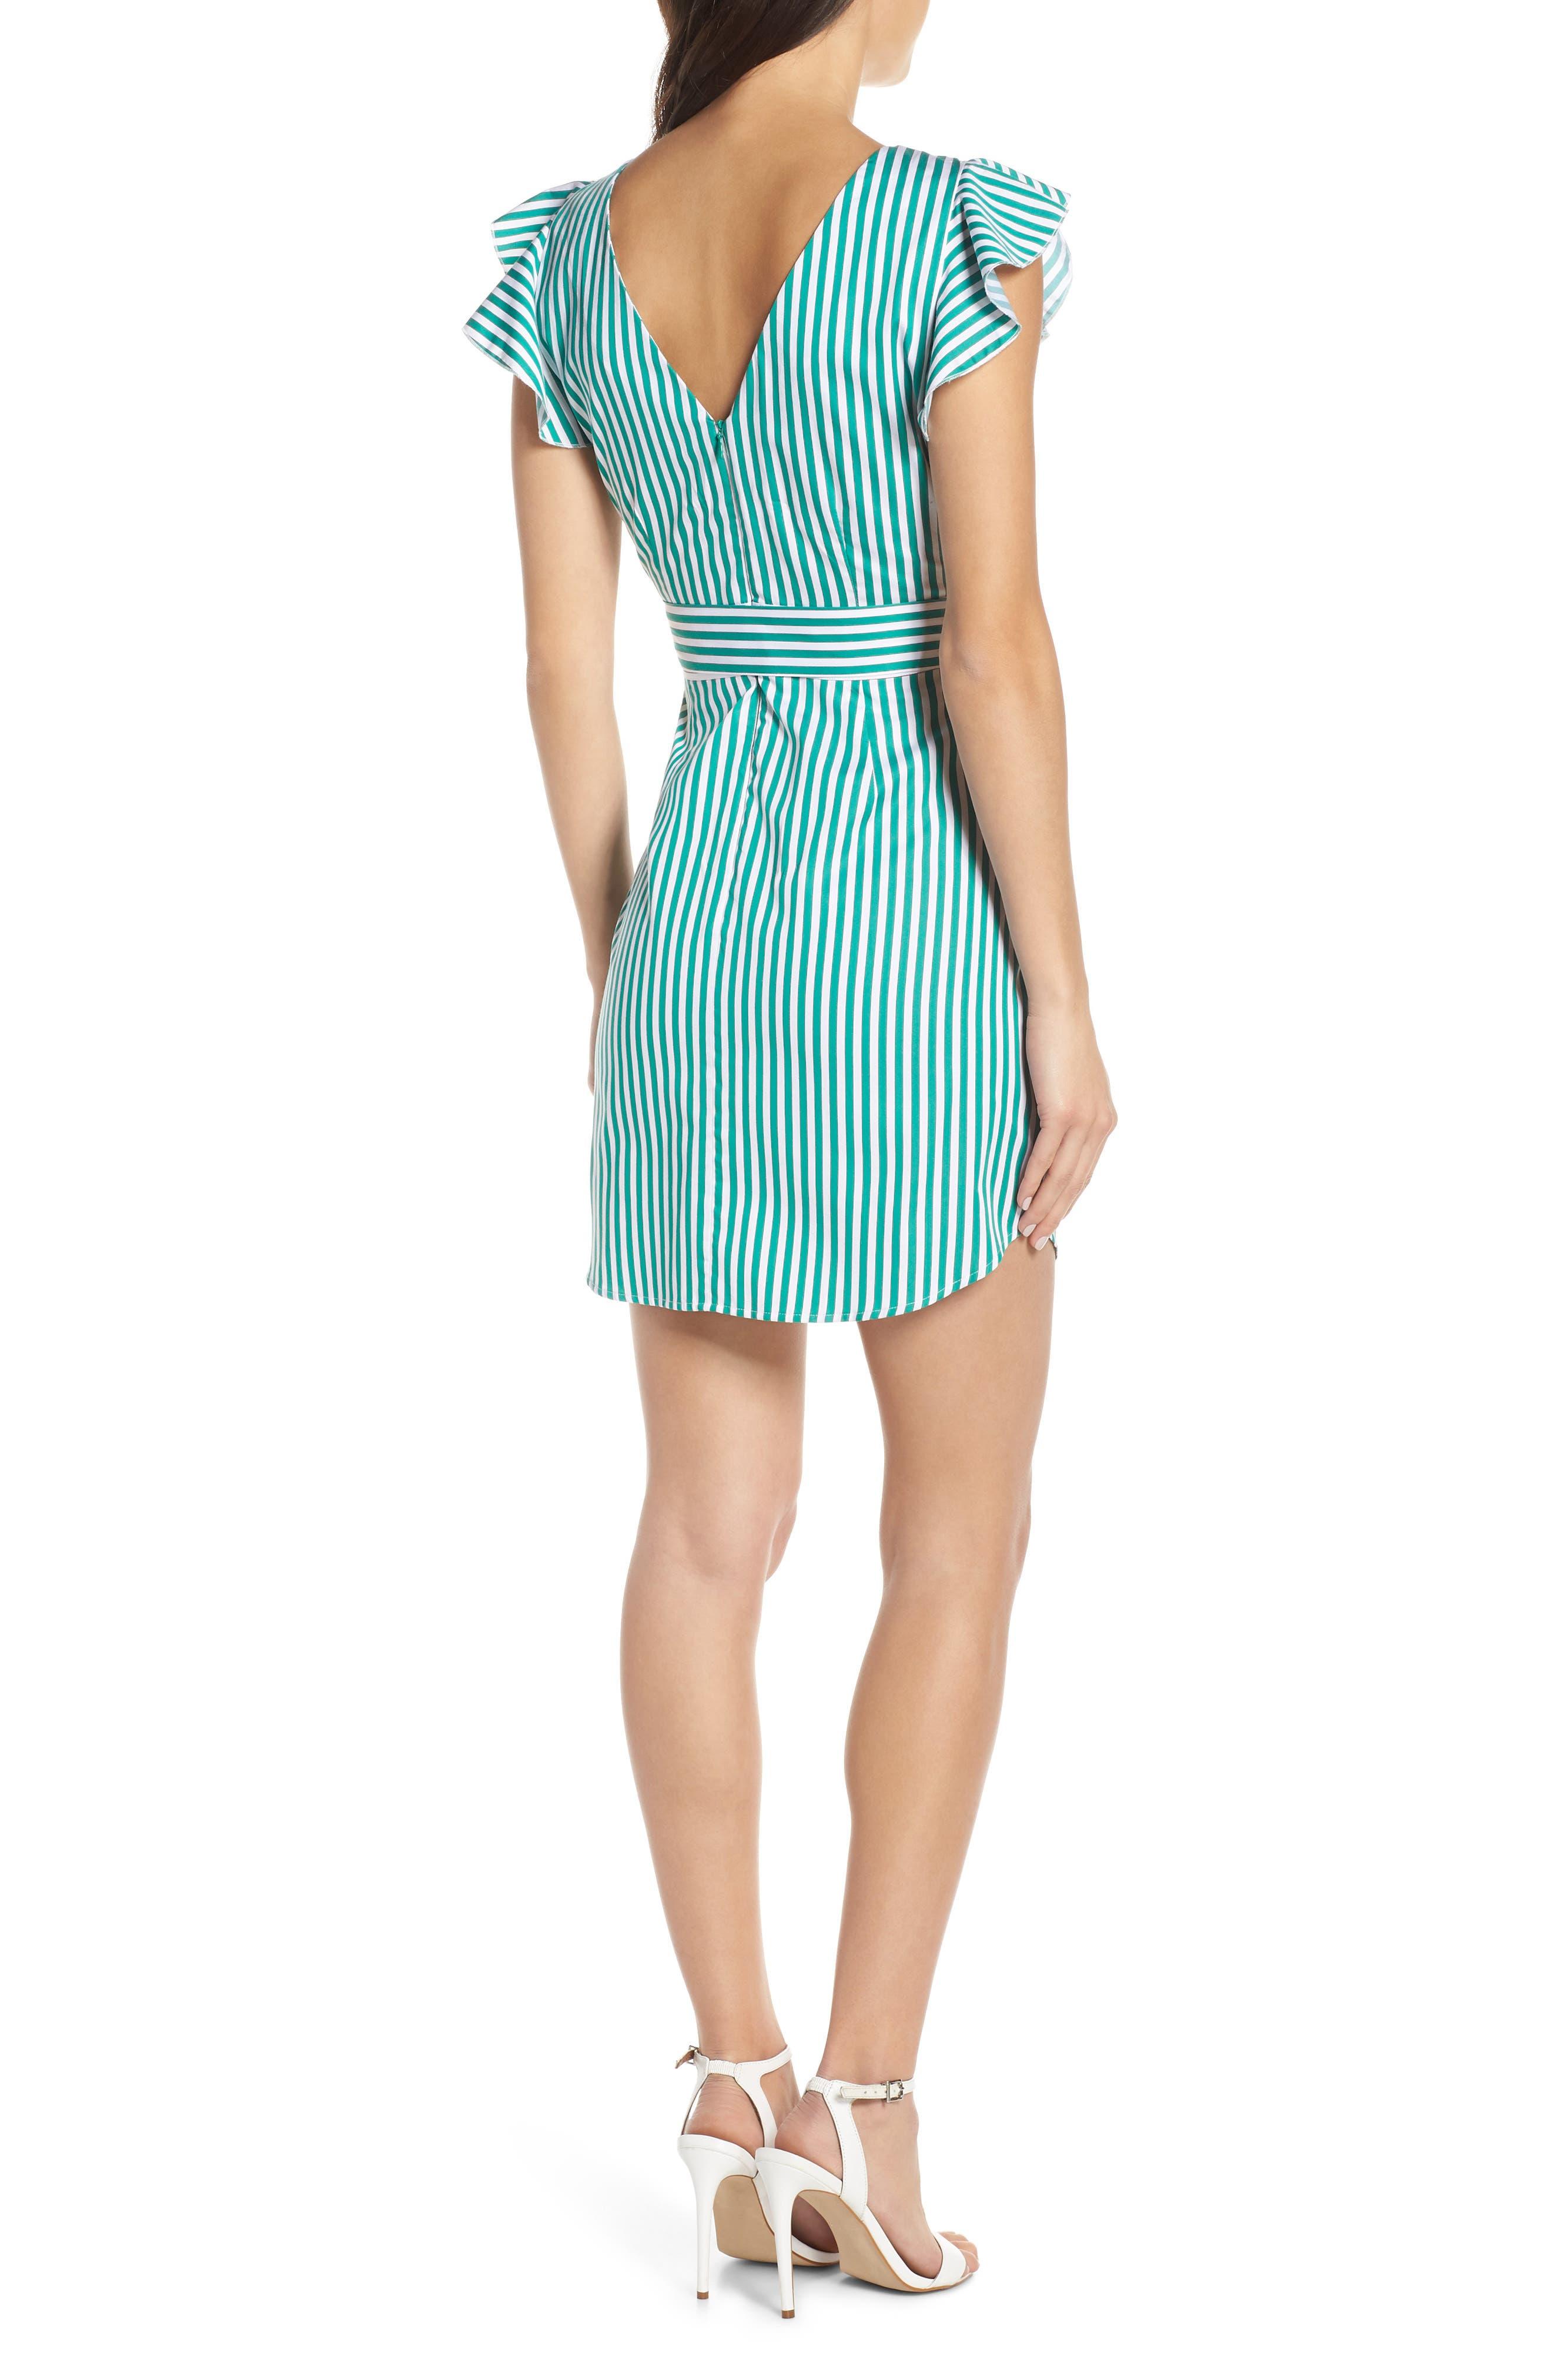 BB DAKOTA, Peppermint Stripe Dress, Alternate thumbnail 2, color, MISTY JADE